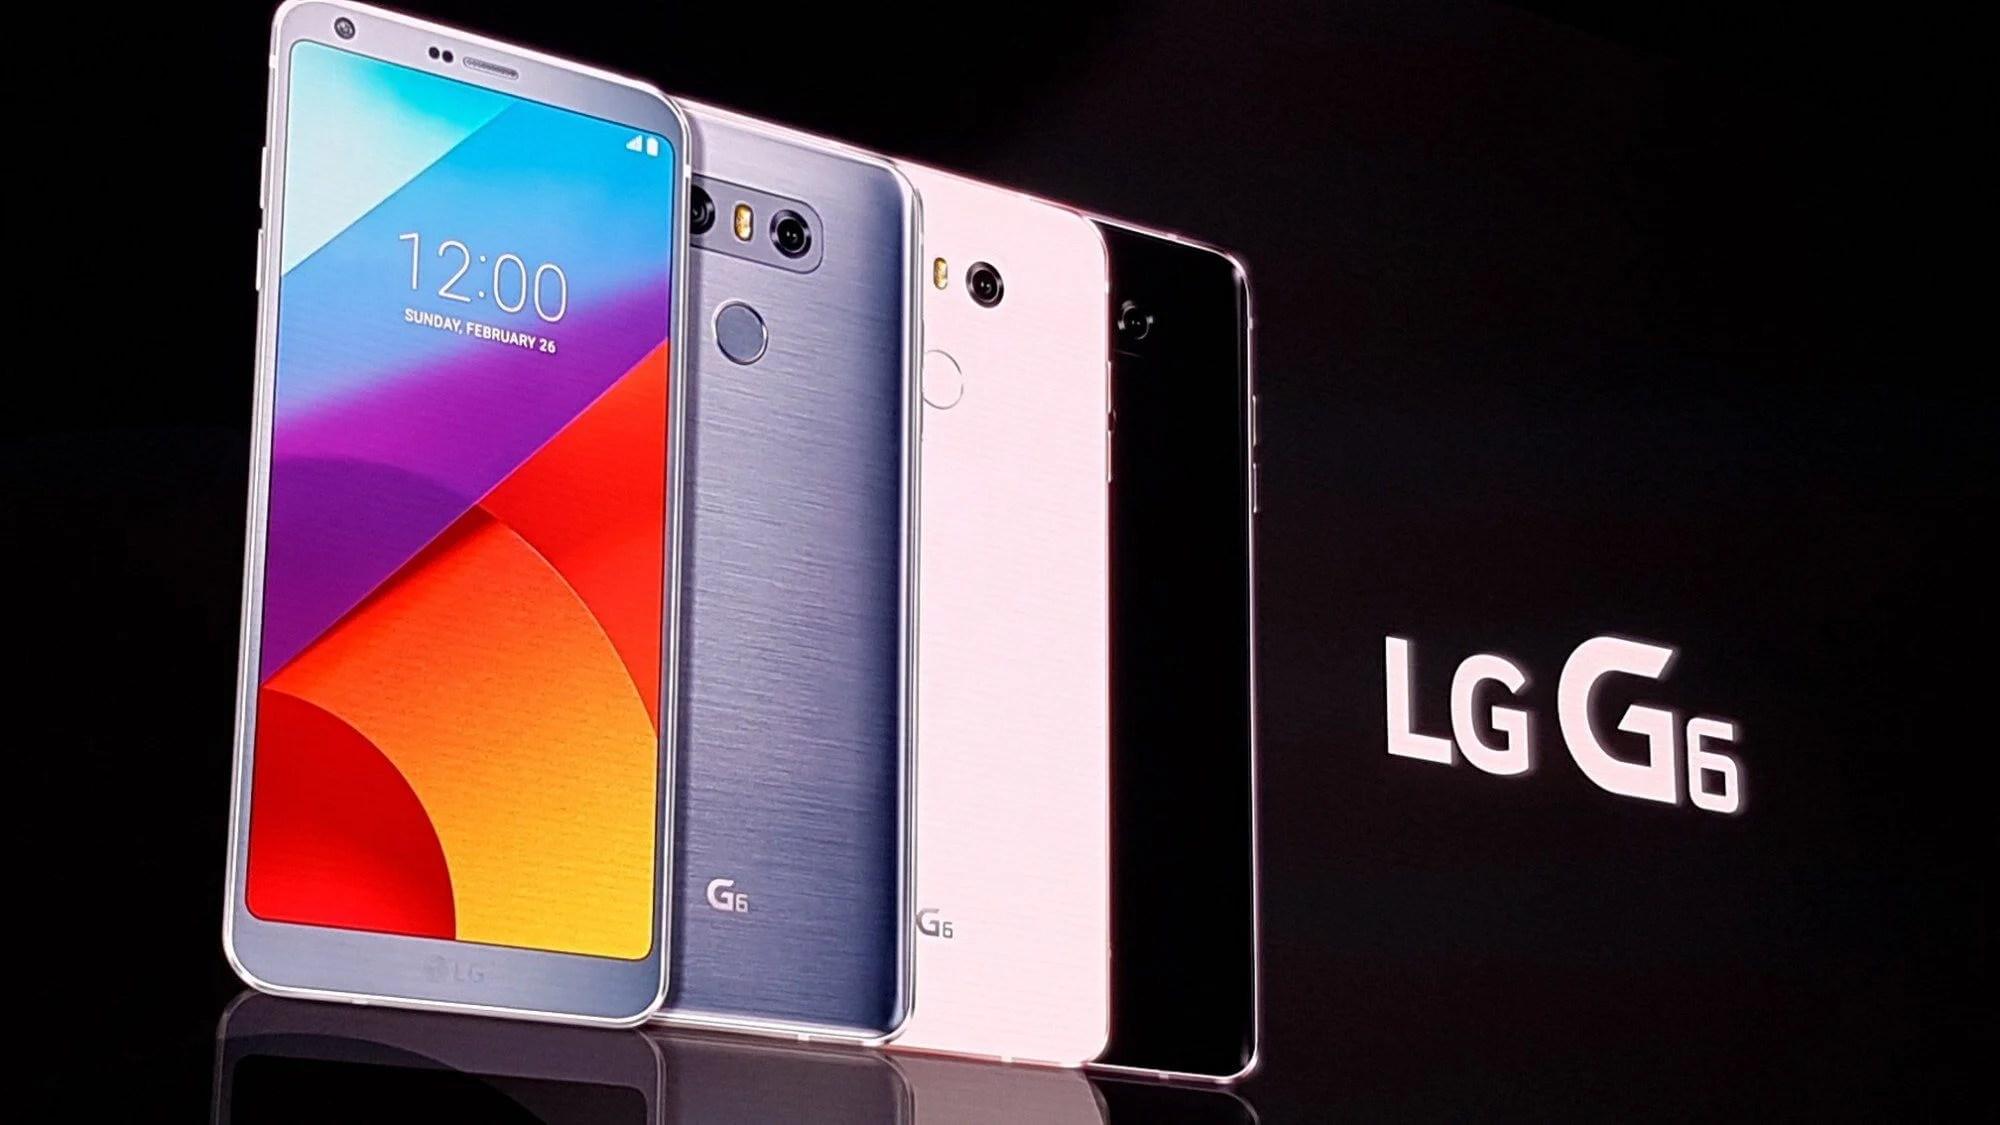 wp image 60294065jpg 1 - Já é sucesso? 40 mil unidades do LG G6 foram reservadas na pré-venda